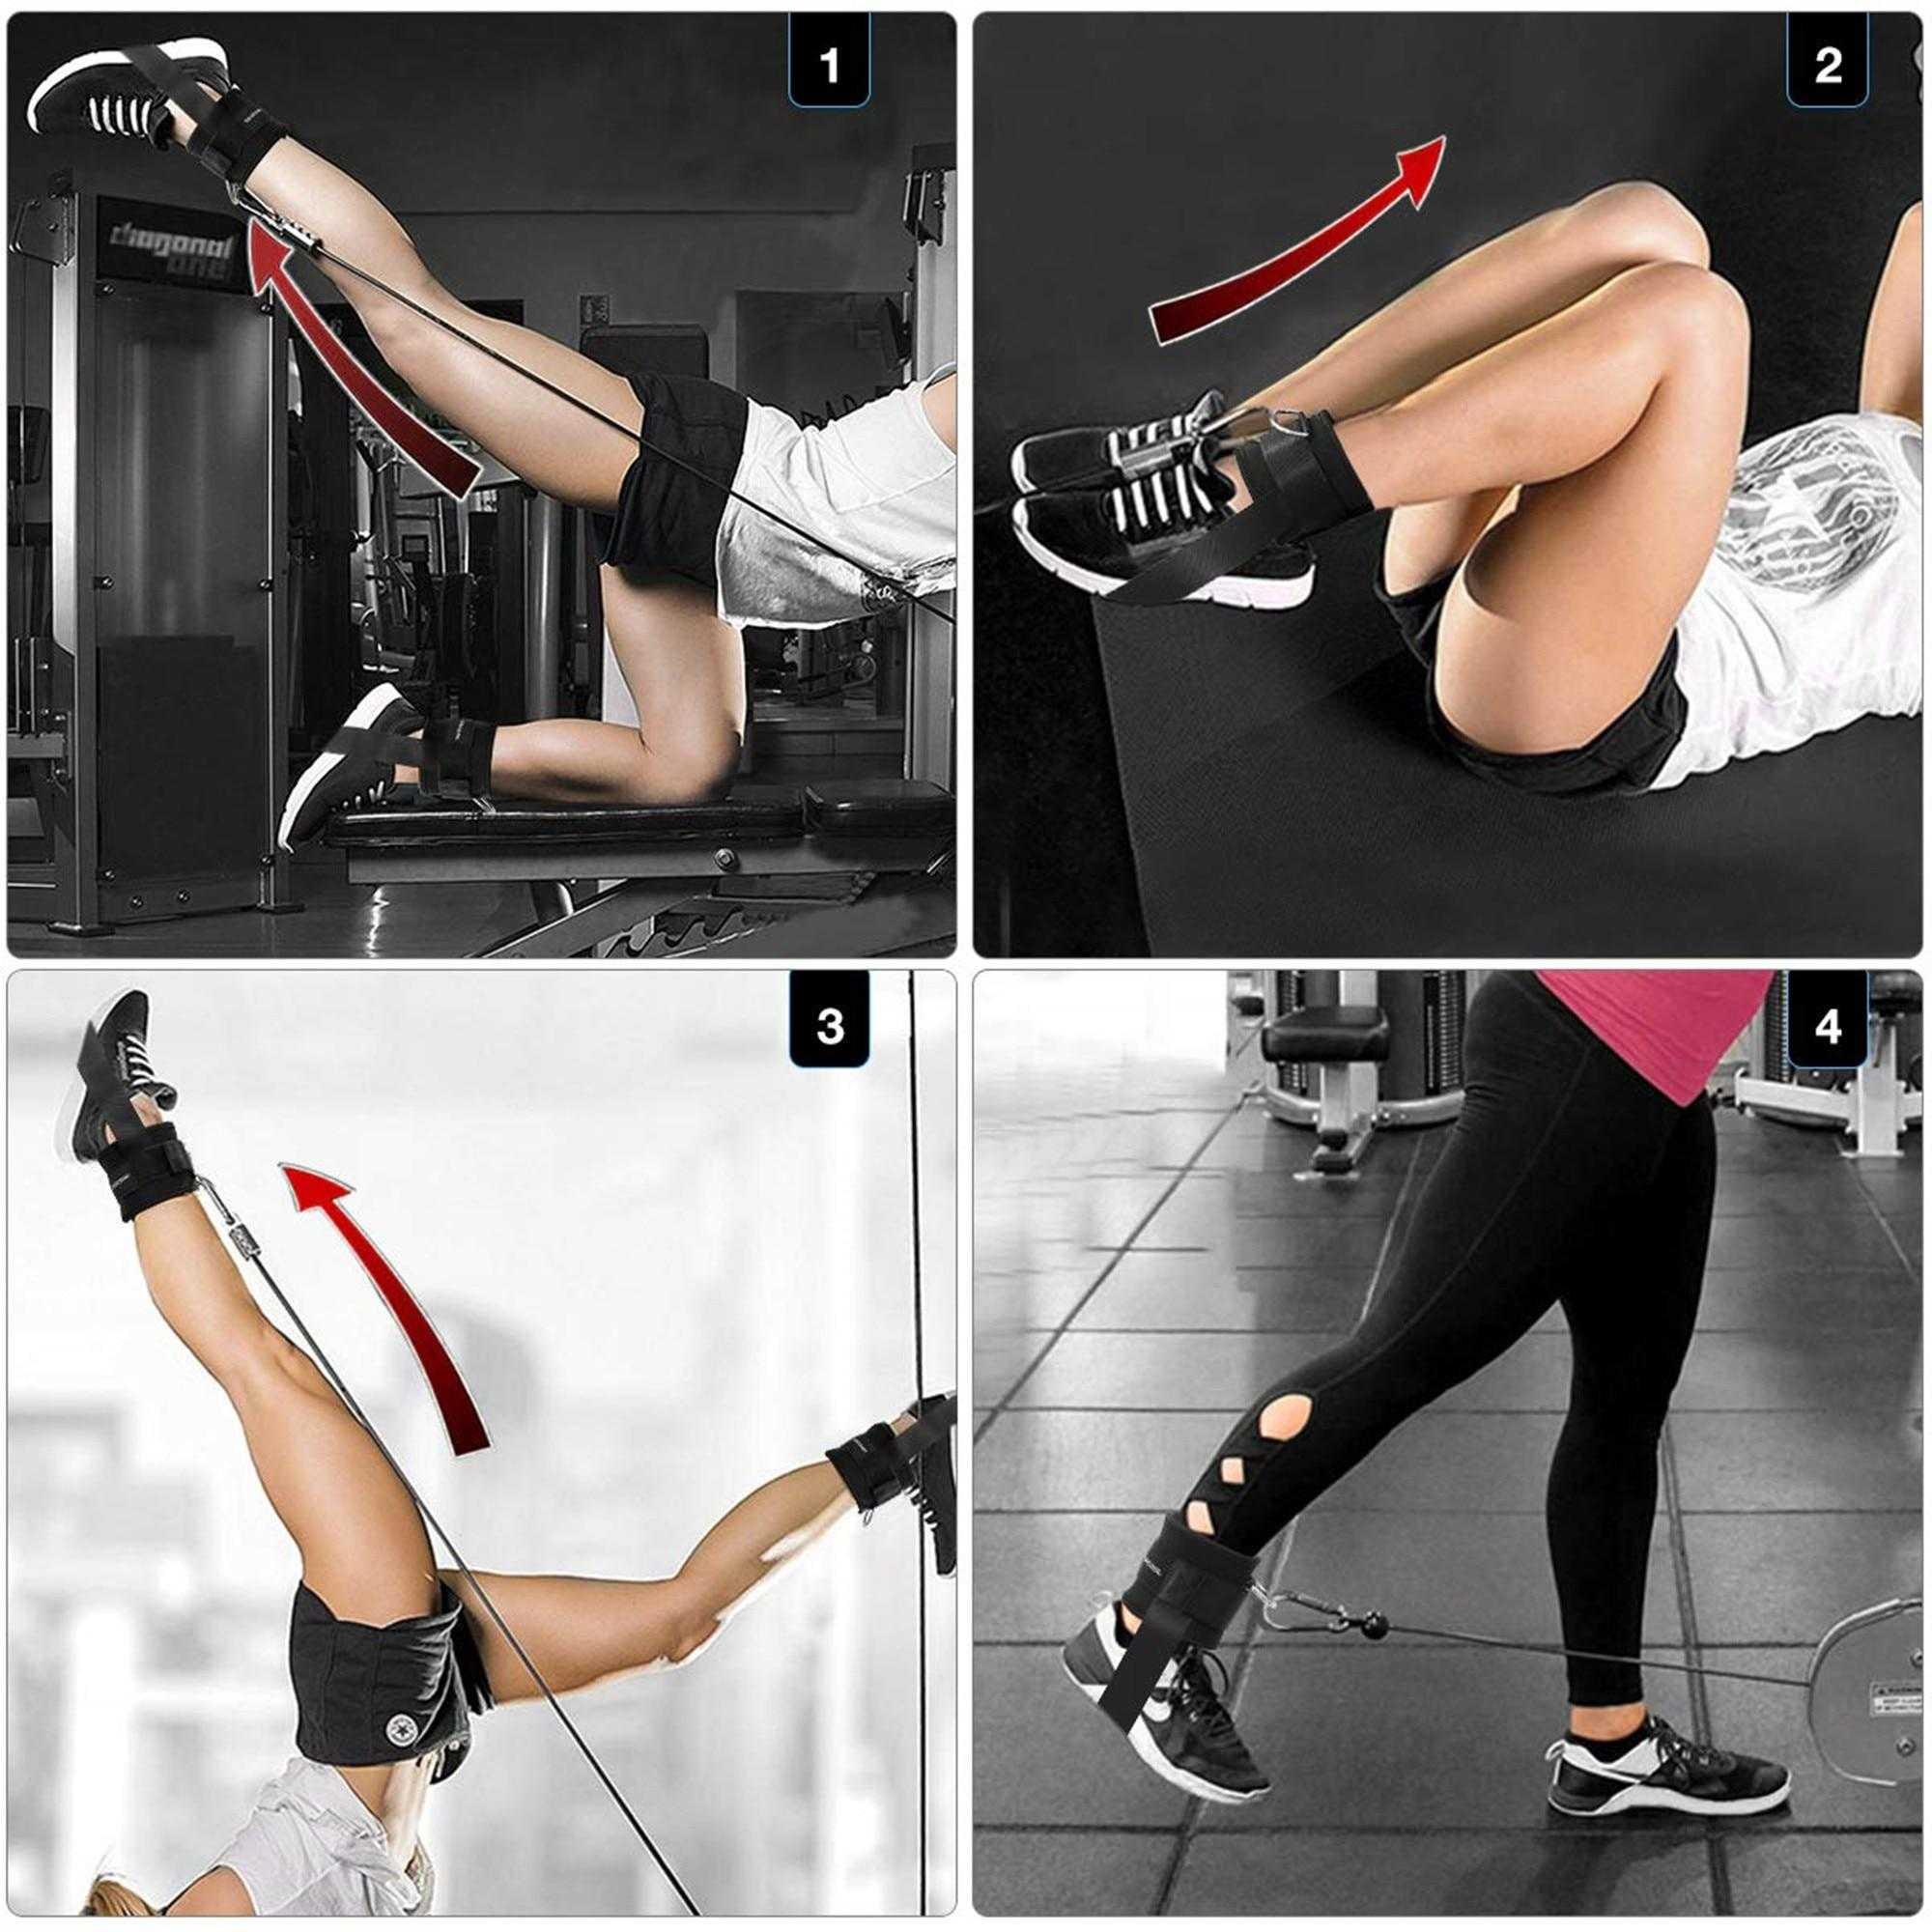 Утяжелители для ног — виды и вес: упражнения для бедер и ягодиц, правила и варианты выполнения, тренировки для женщин и мужчин в домашних условиях